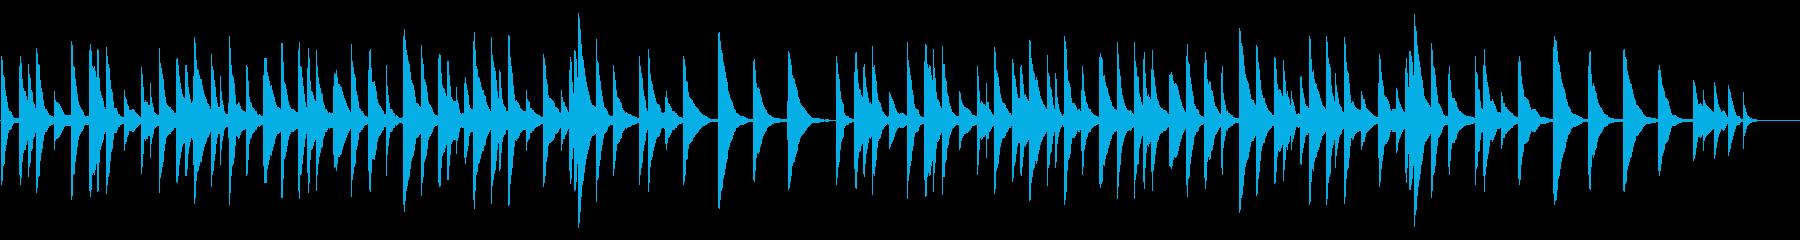 オルゴールのシンプルな感動バラードの再生済みの波形